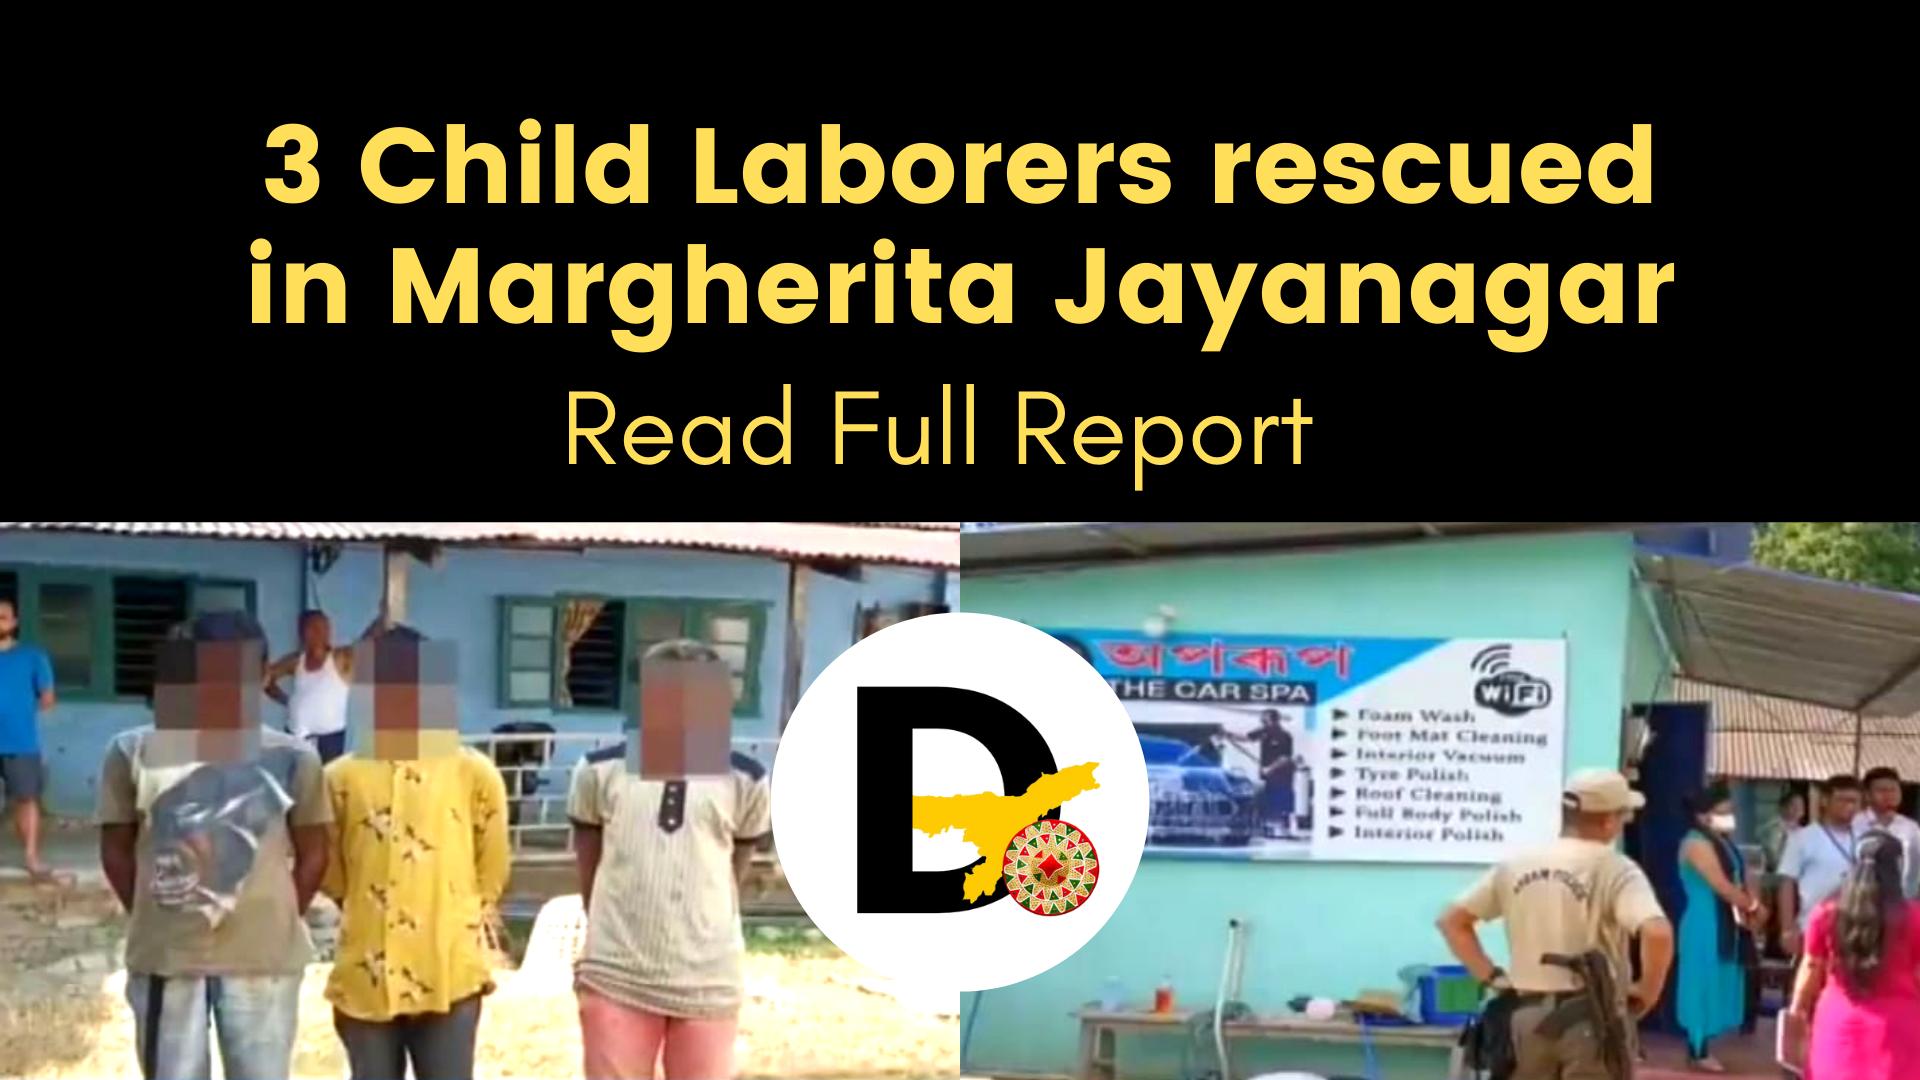 3 Child laborers rescued in Margherita Jayanagar